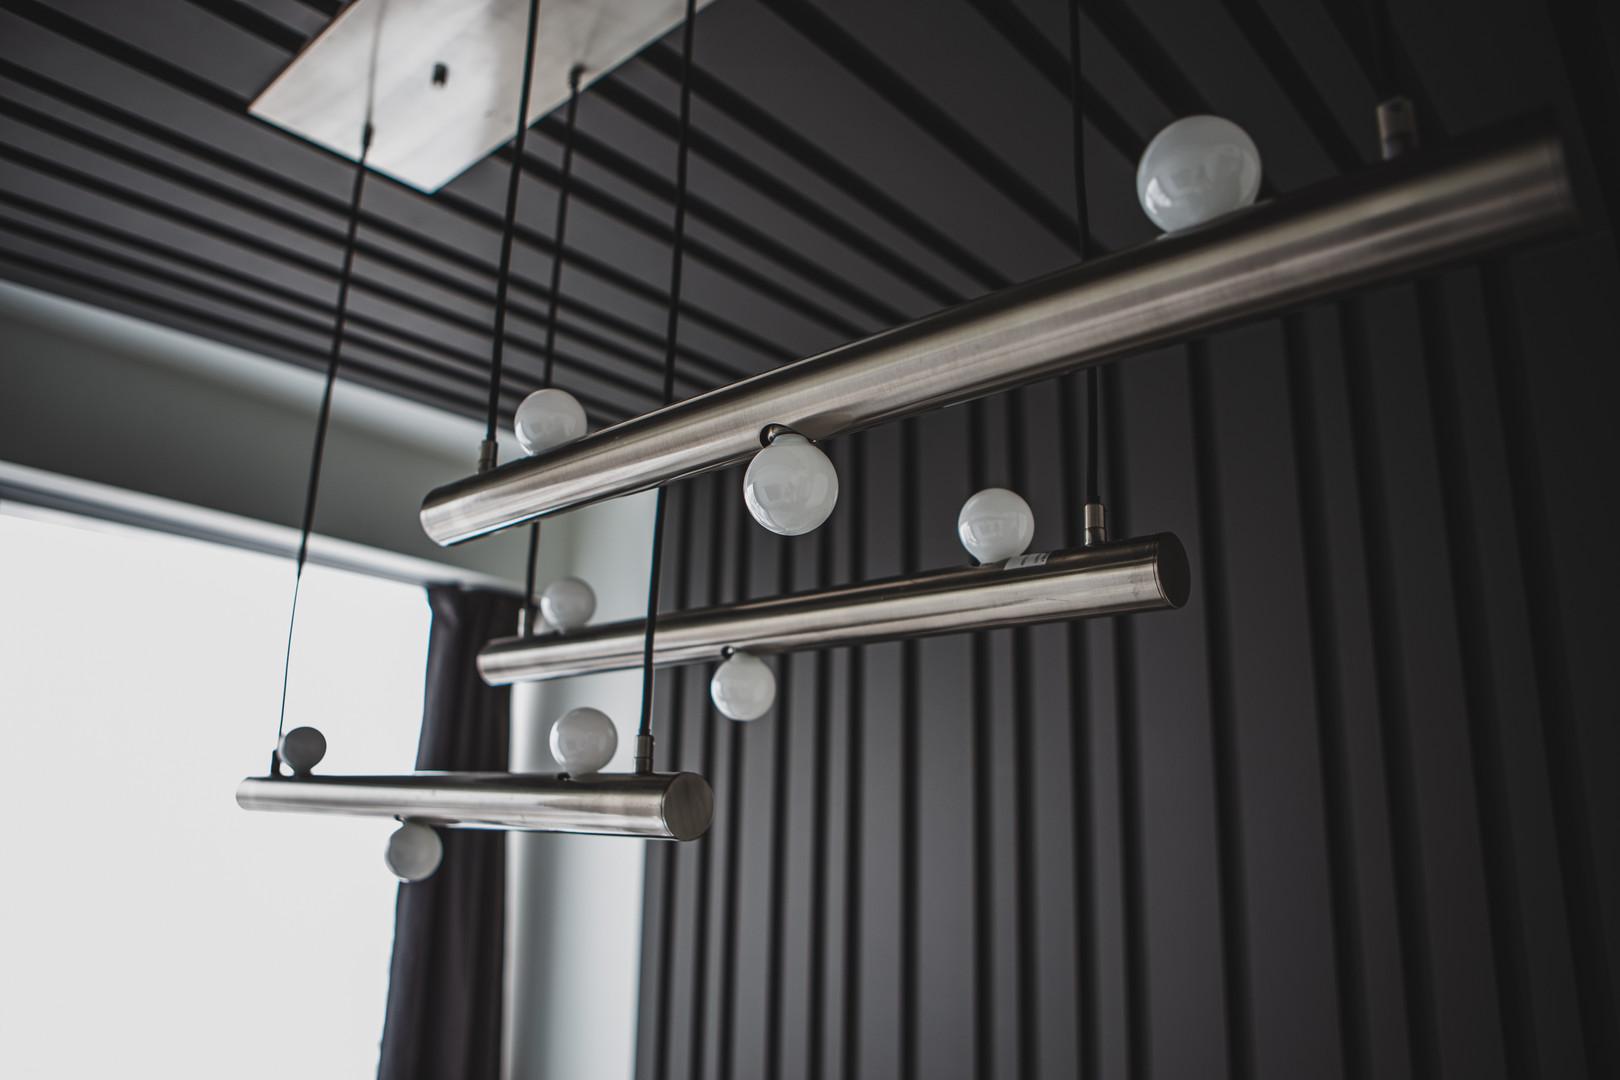 Bespoke Ceiling Panelling & Chrome Lighting